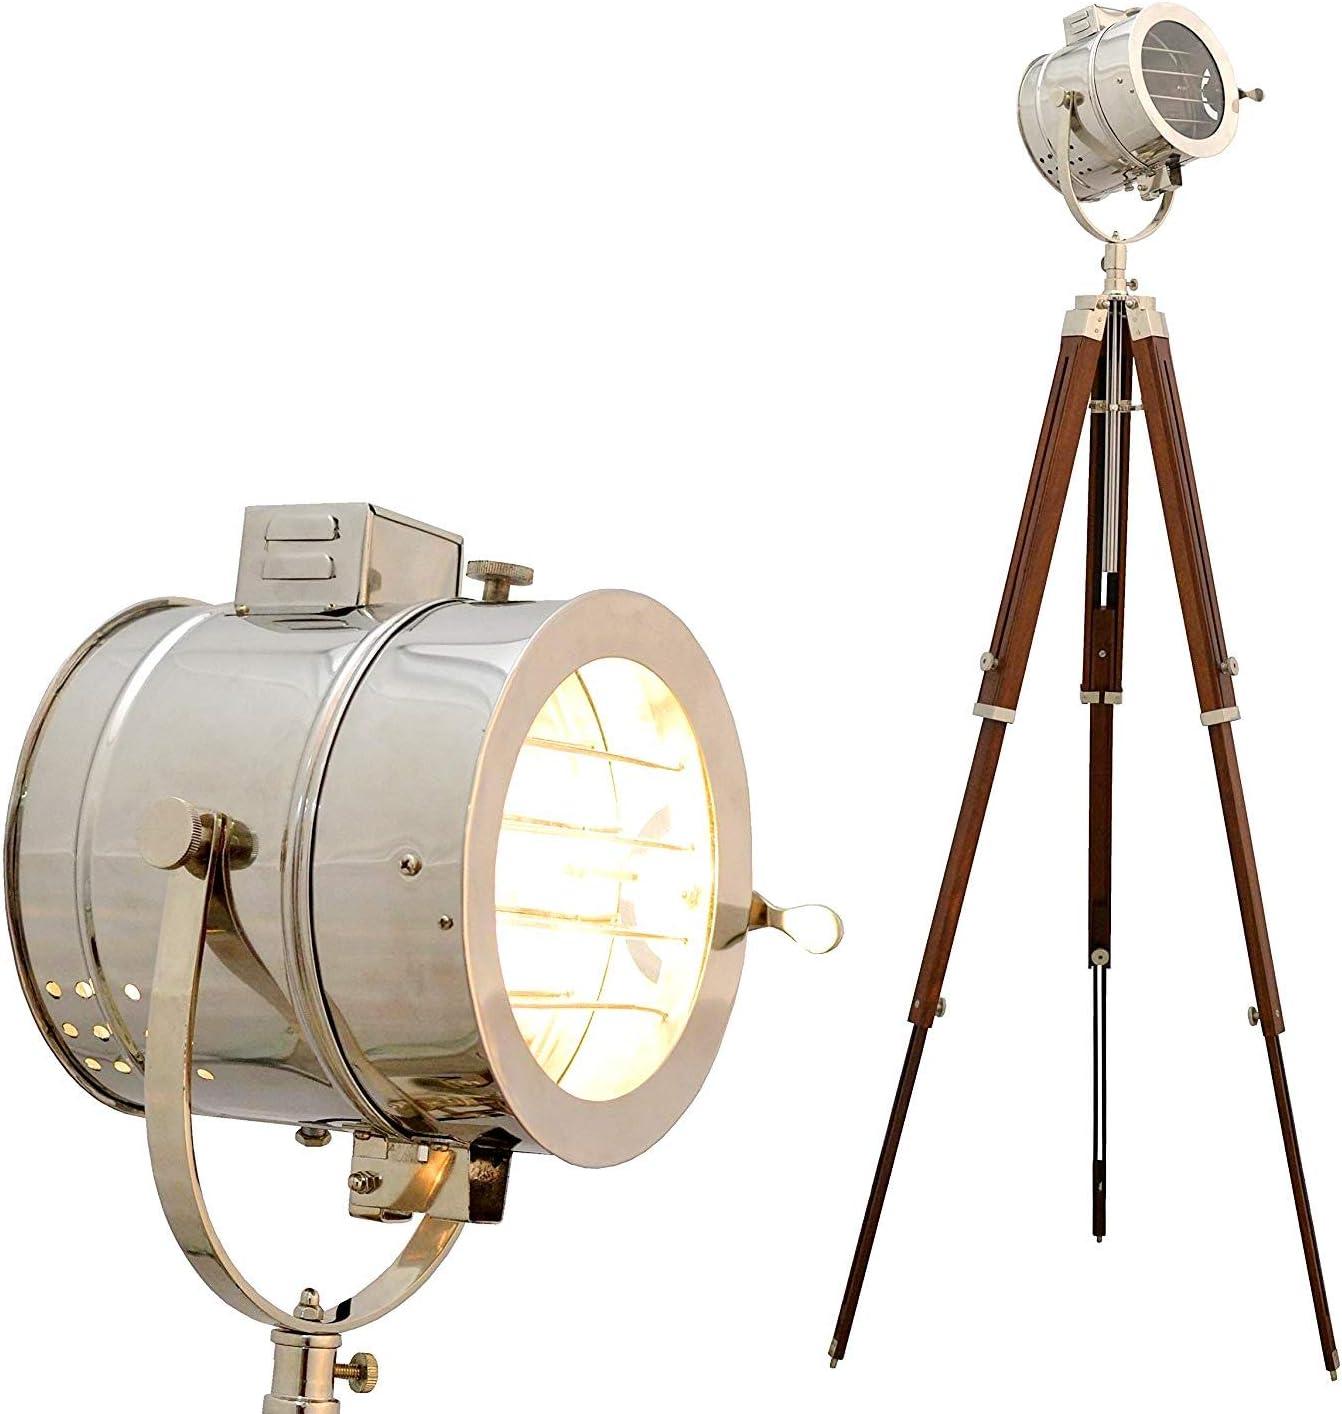 Vintage LED Tripod Floor Lamp Vintage Home Decor Lighting Nautical marine Lamp